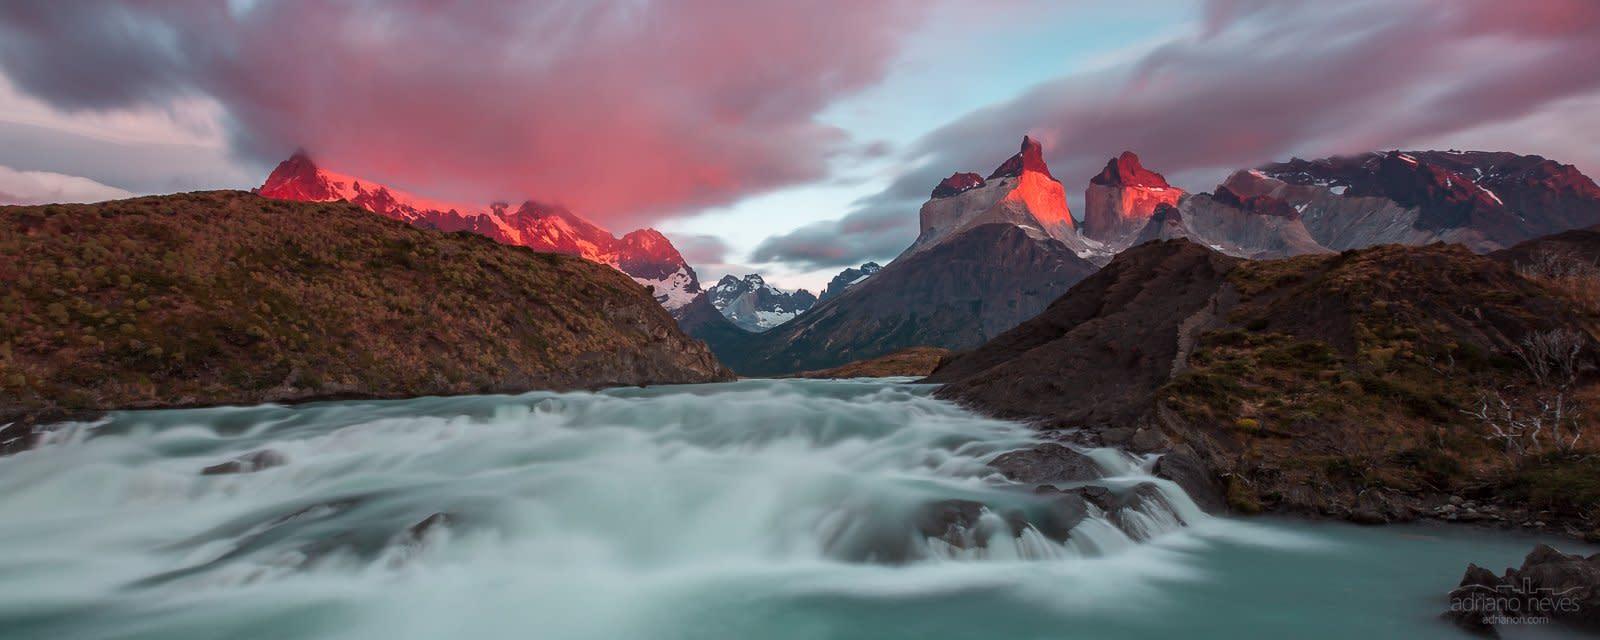 Cuernos del Paine - Chile, Patagonia